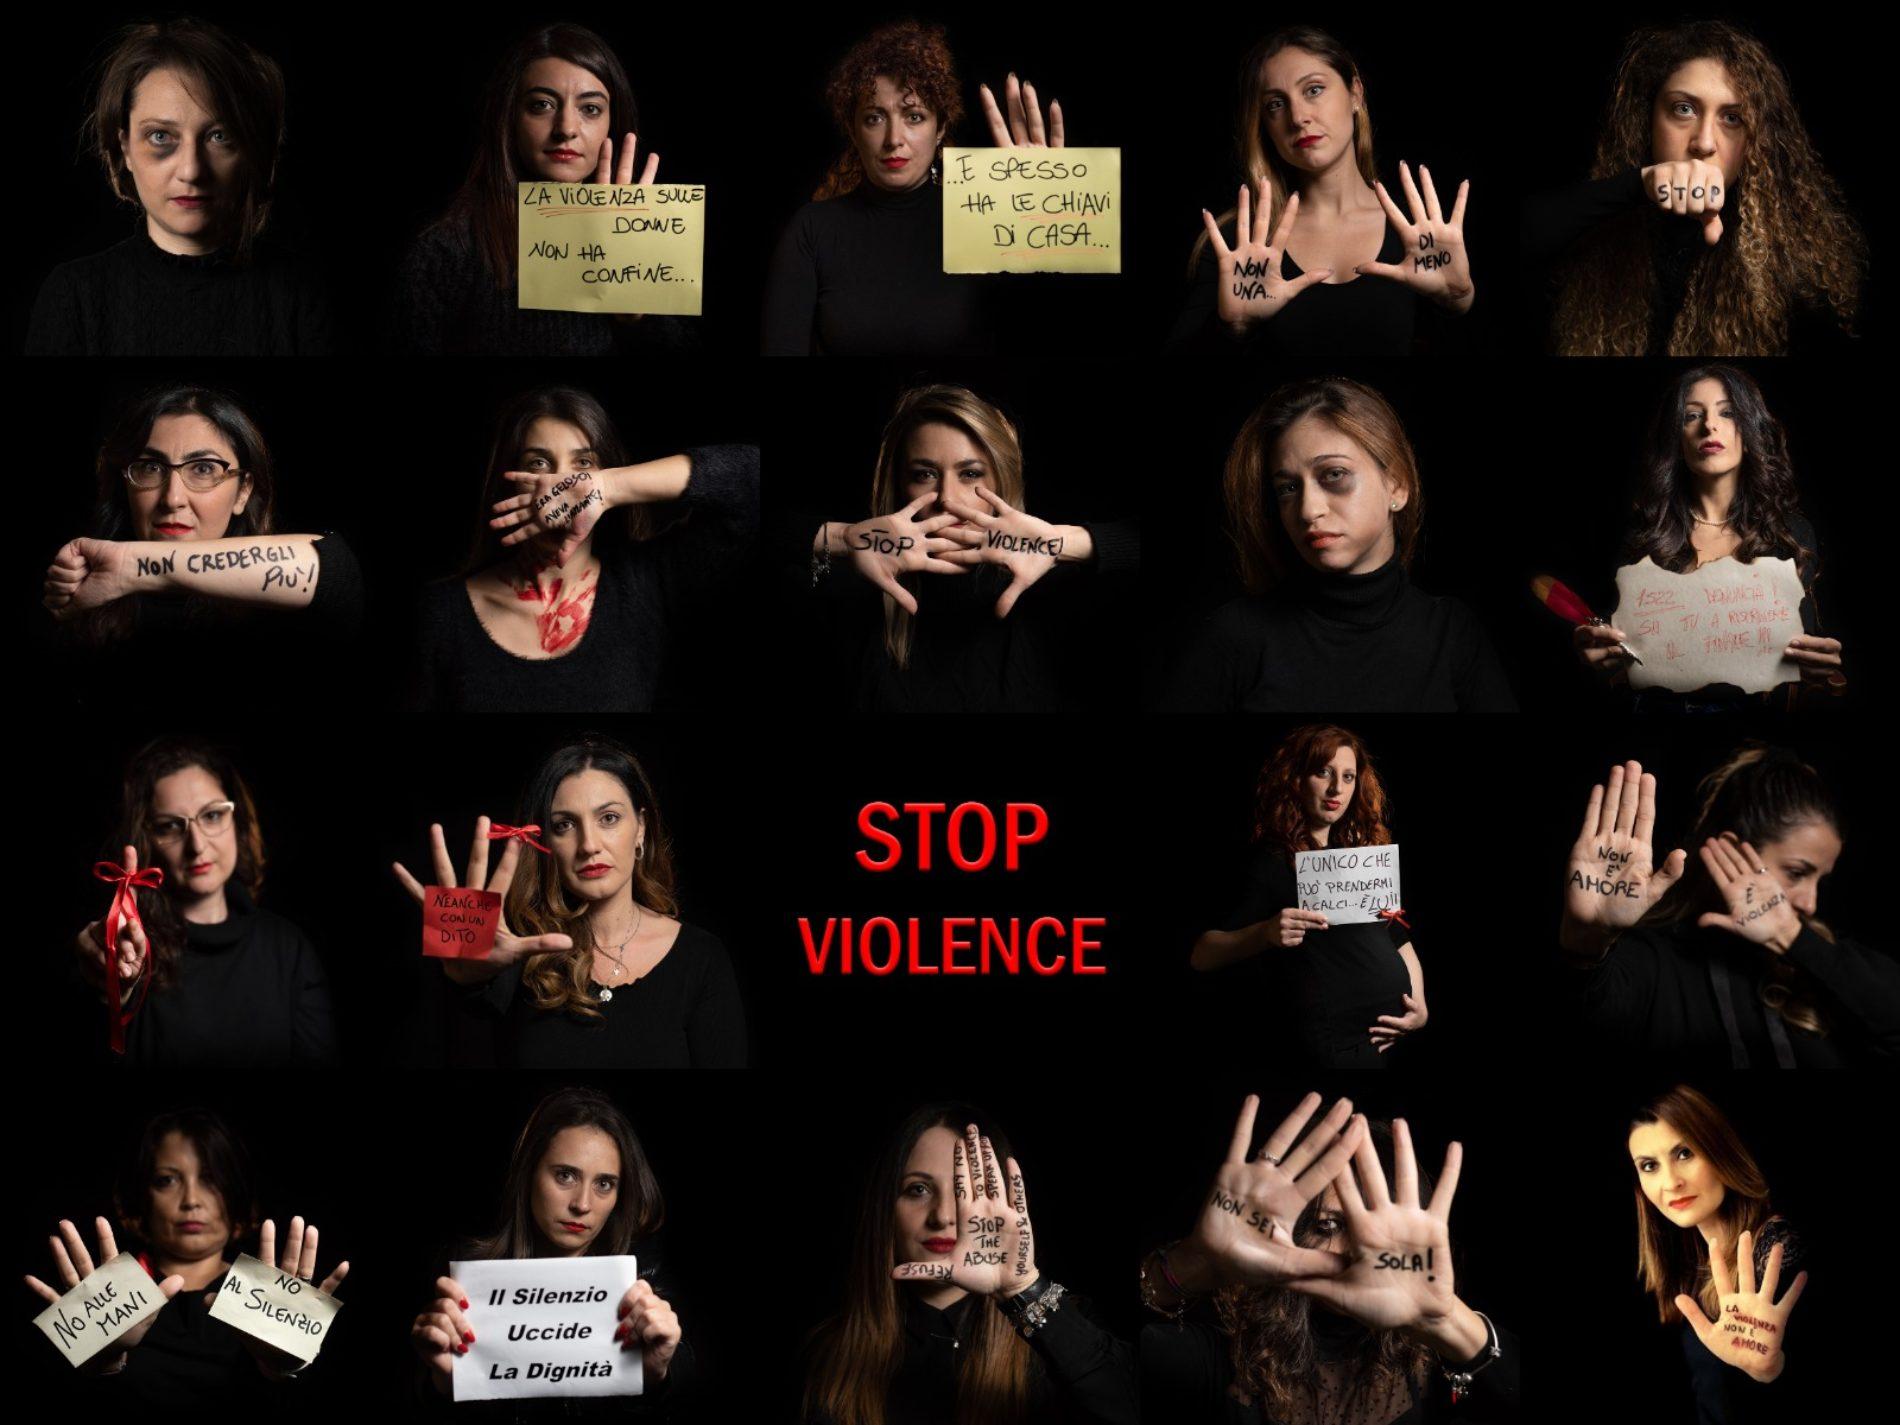 """"""" Donne in circolo"""" per vivere di libertà autentica e senza violenza"""